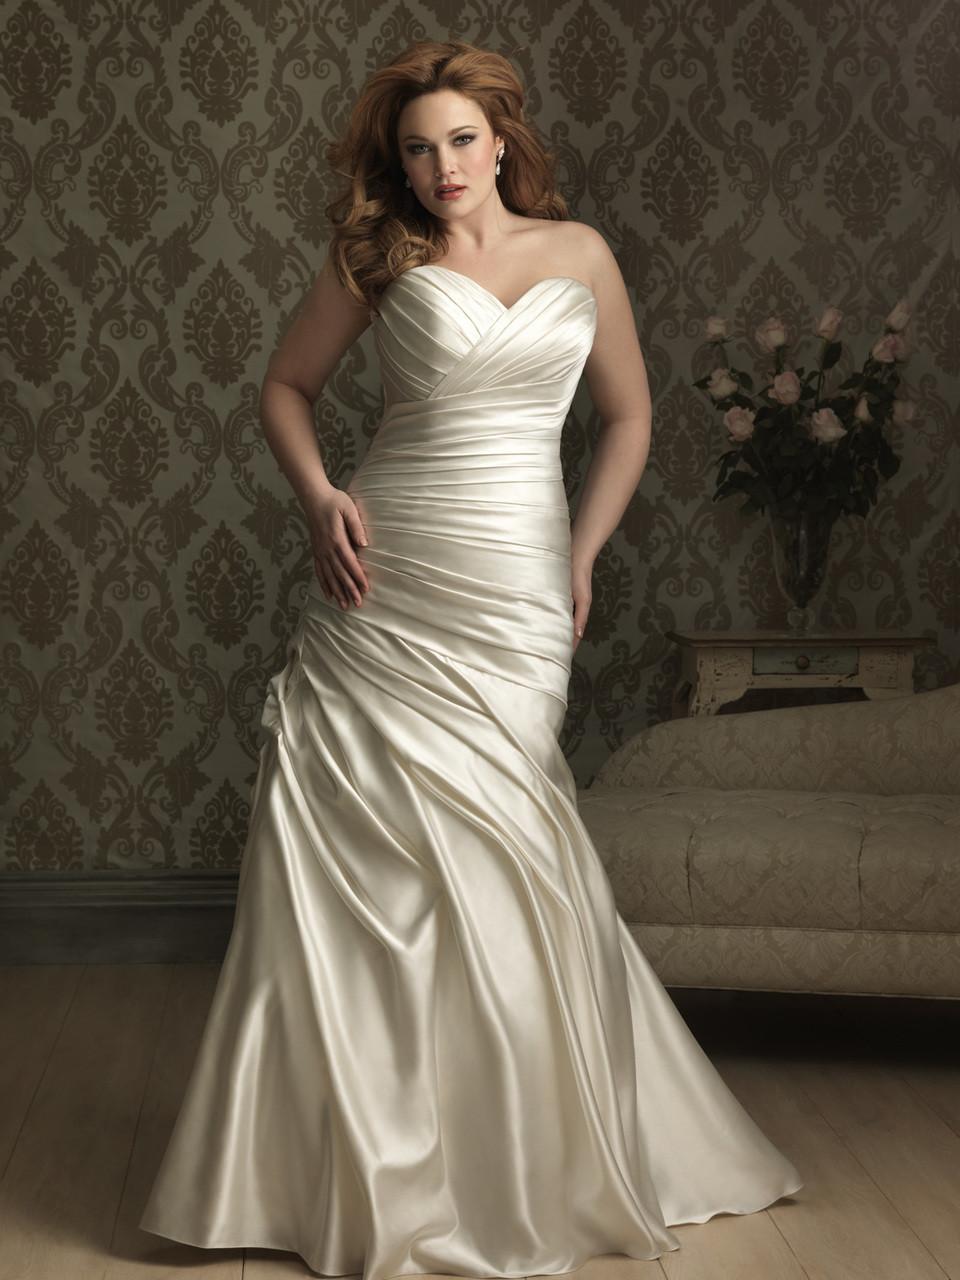 Allure Plus Size Wedding Dress W284